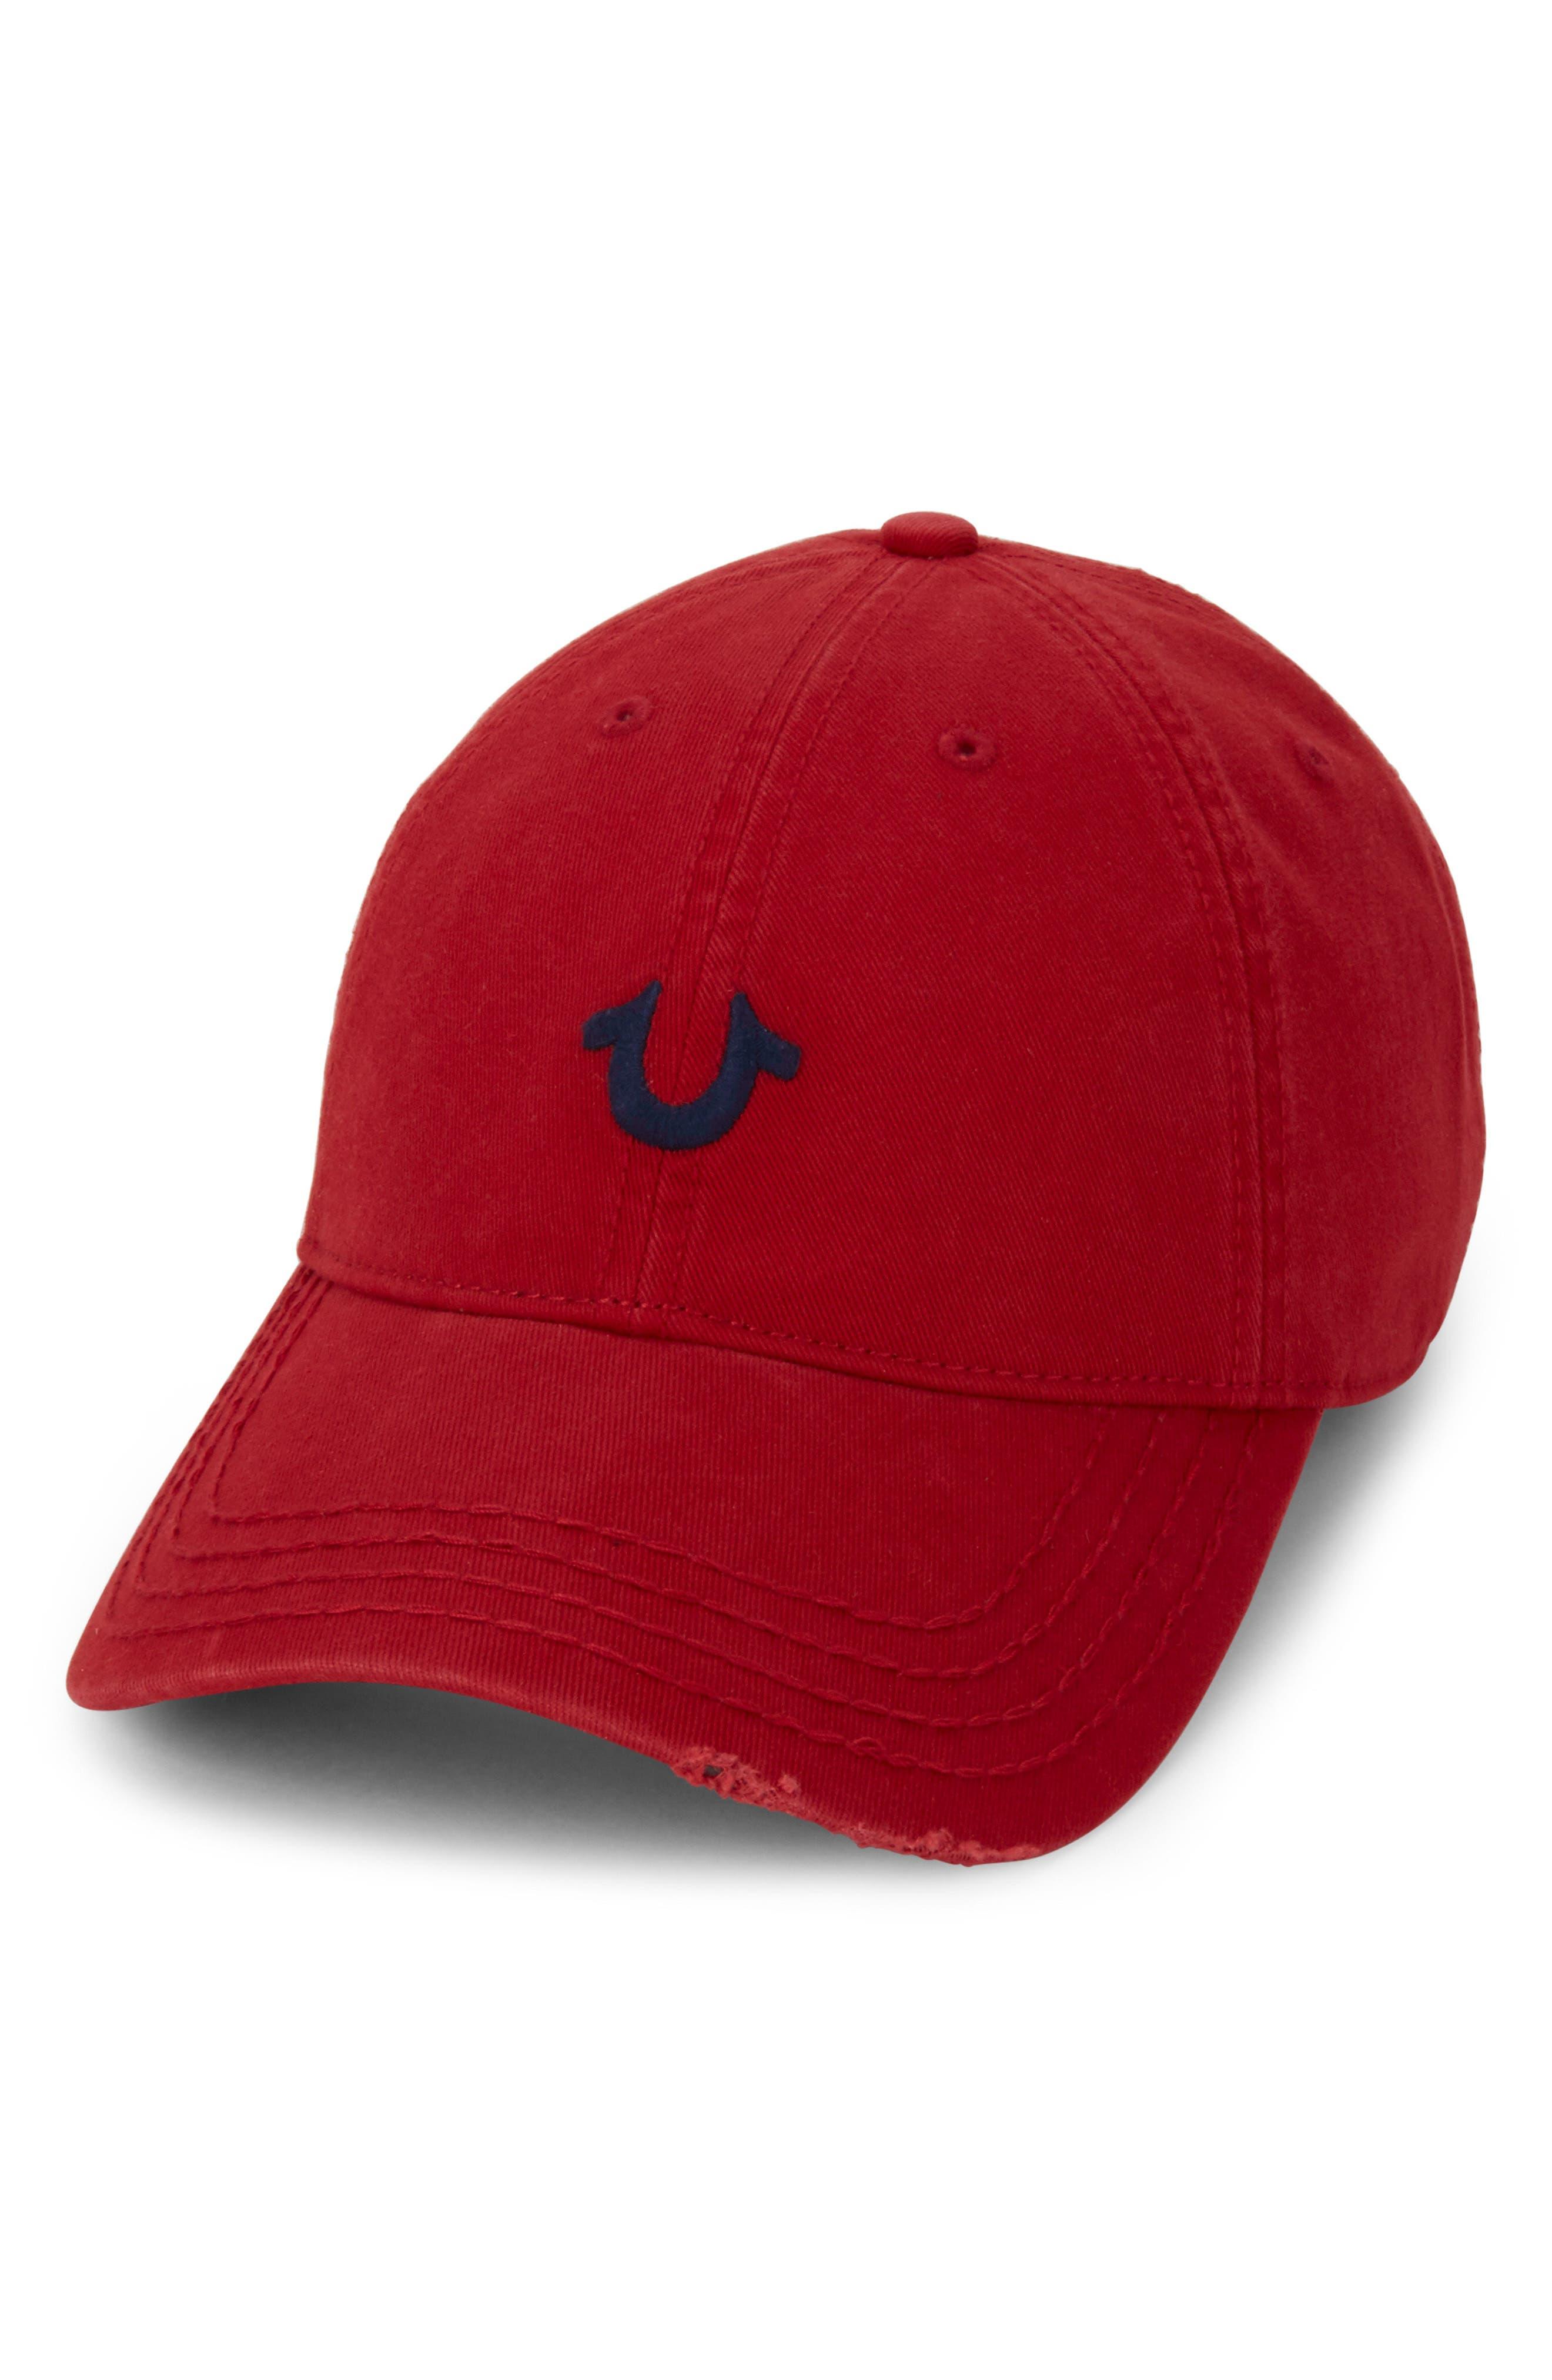 True Religion Brand Jeans Baseball Cap